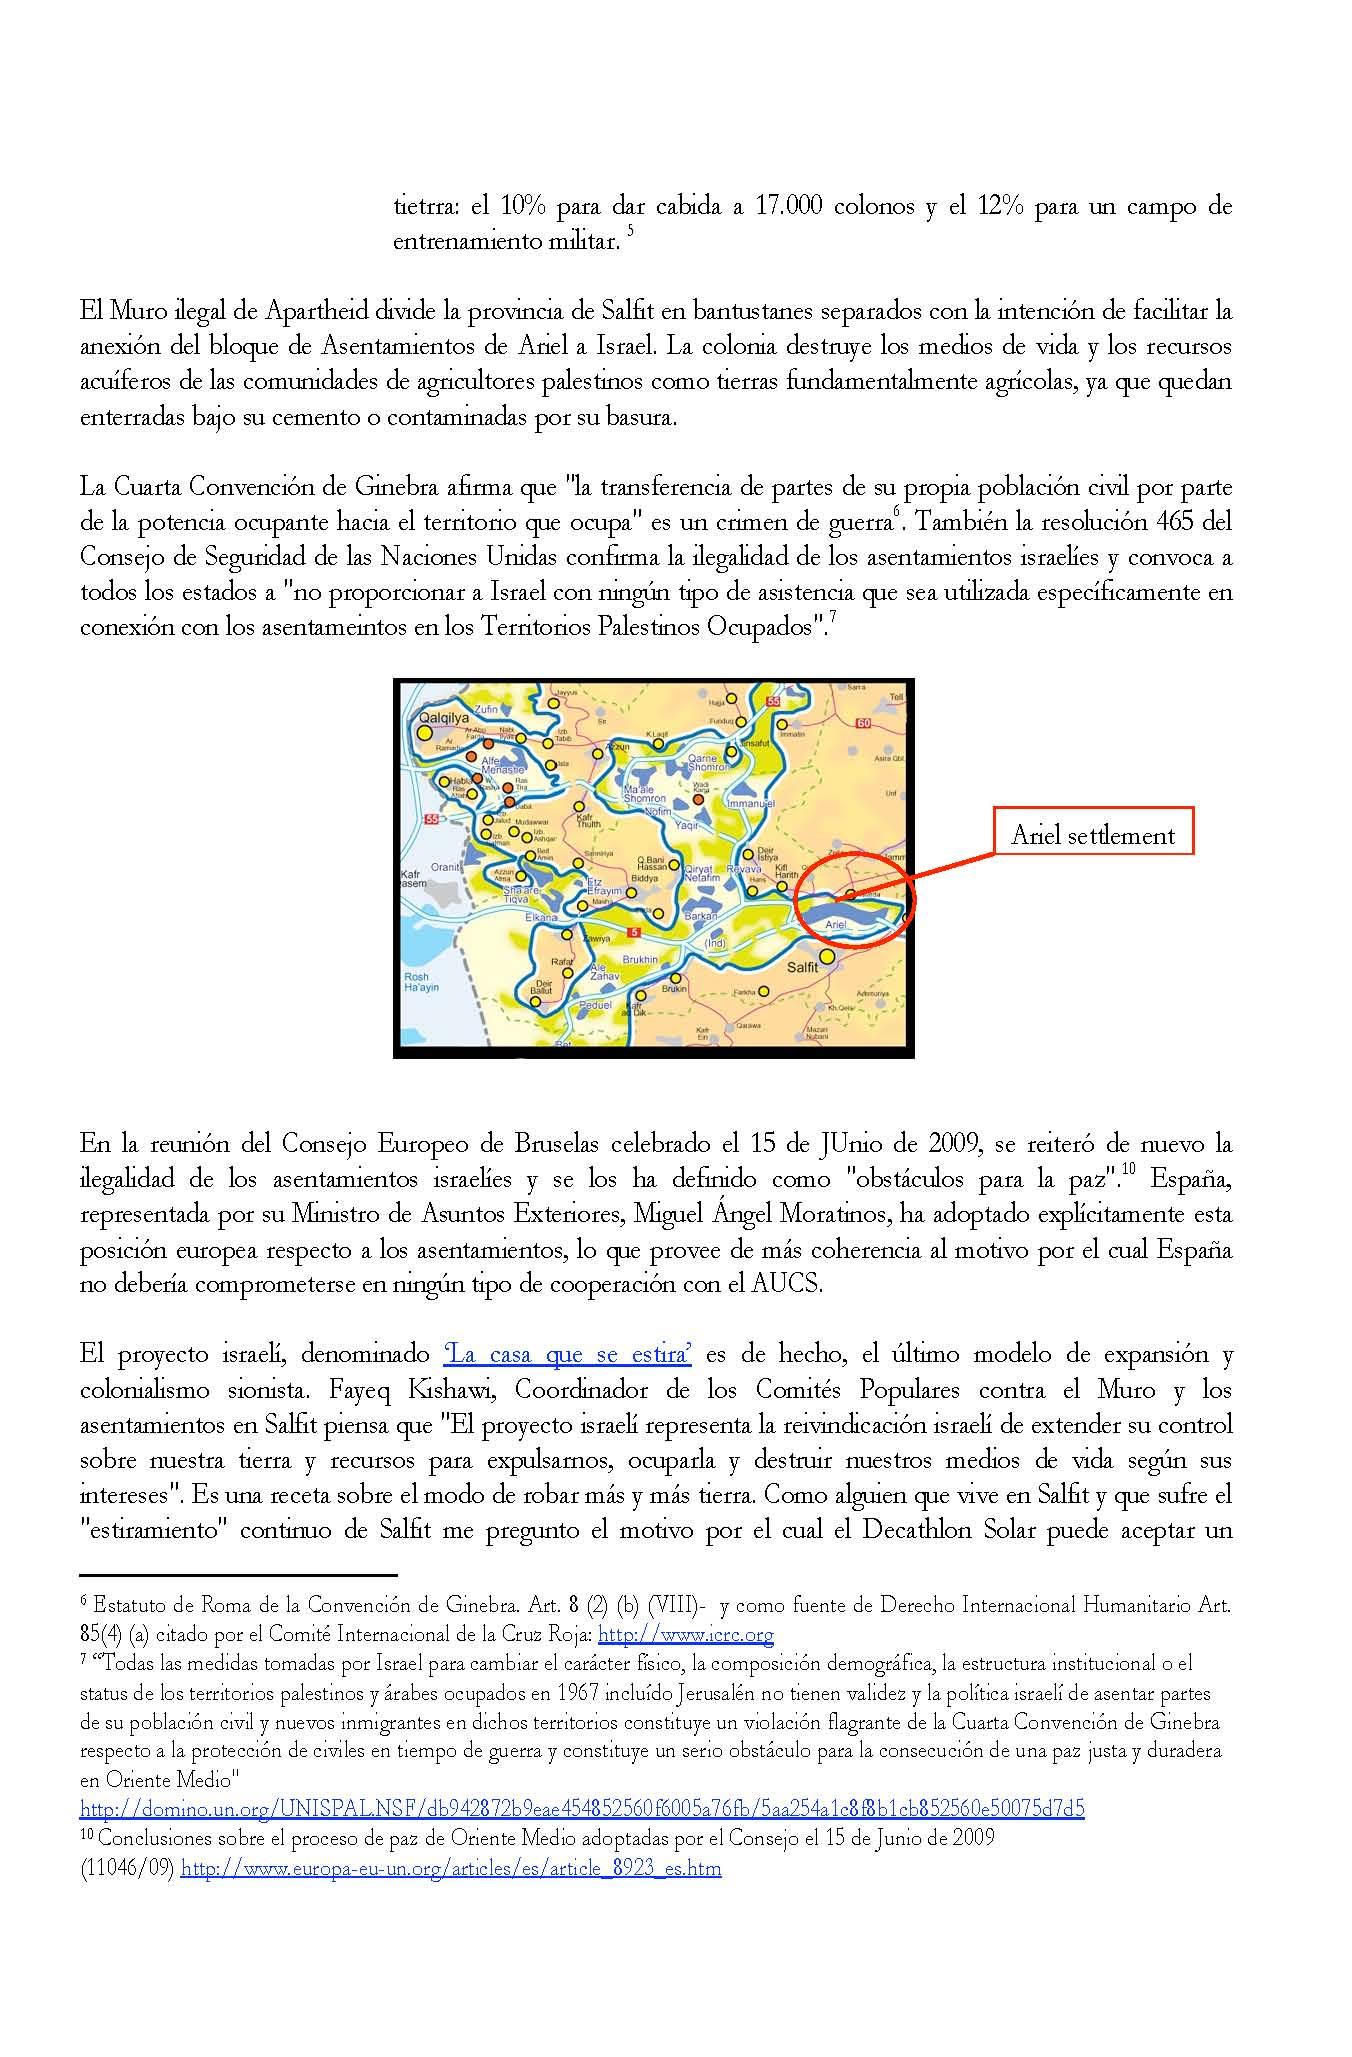 CARTA RESPECTO AL ASENTAMIENTO DE ARIEL_Page_2